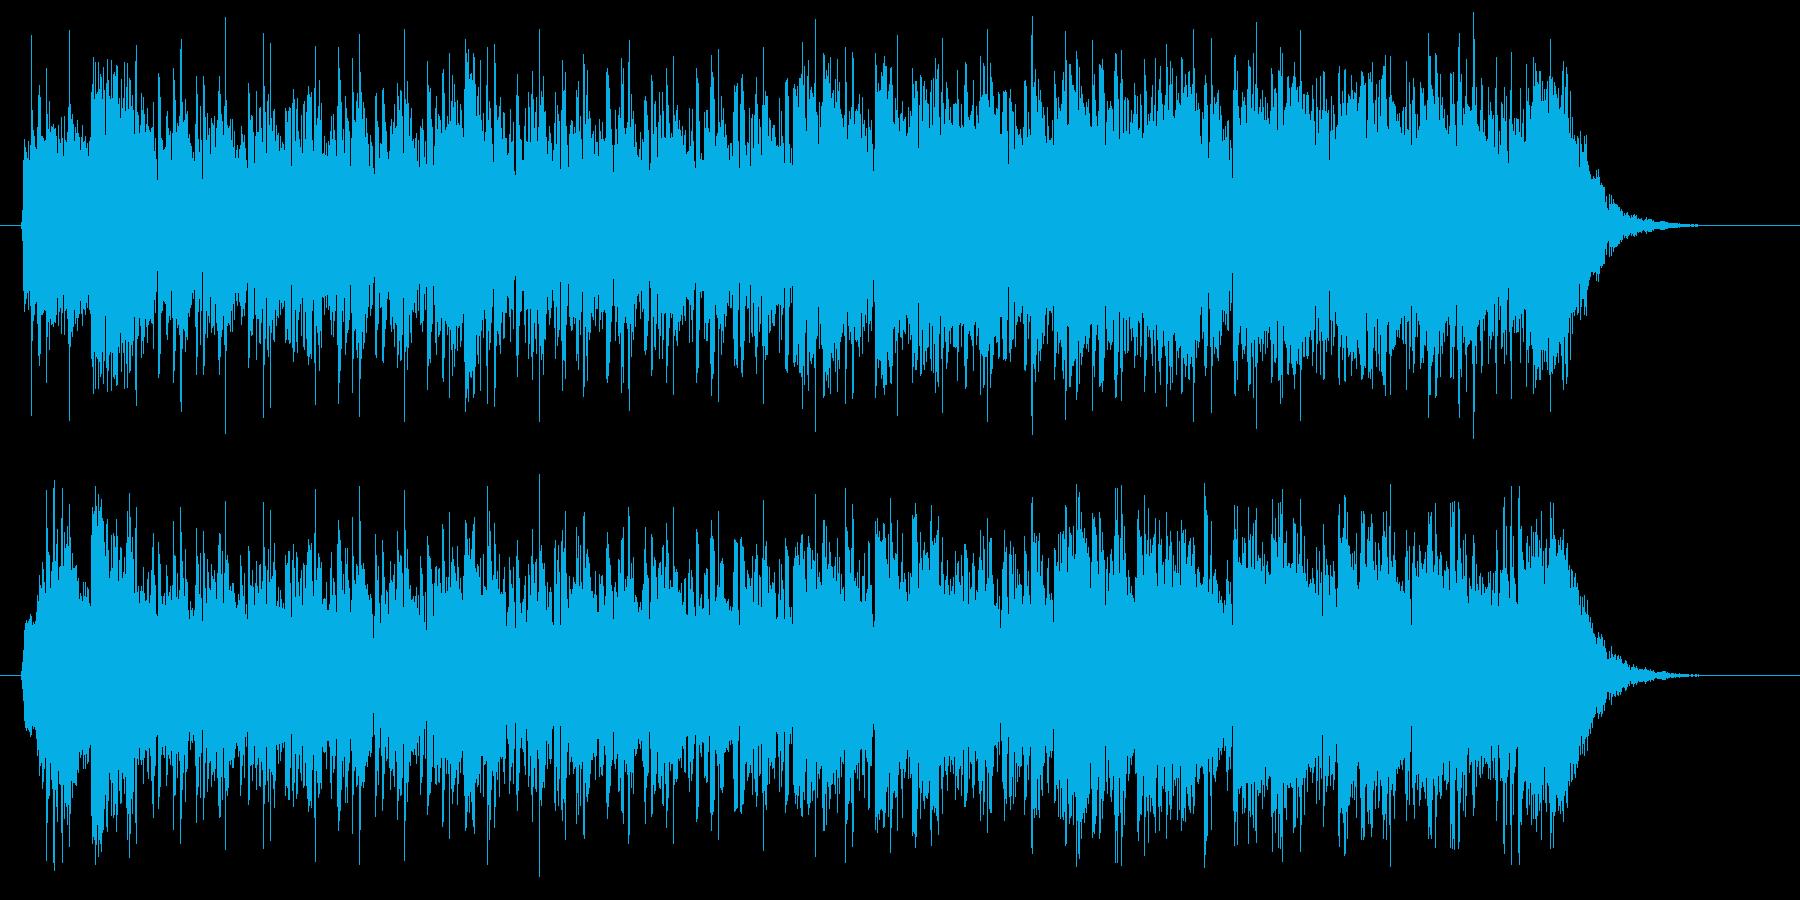 疾走感のあるかっこいい音楽の再生済みの波形